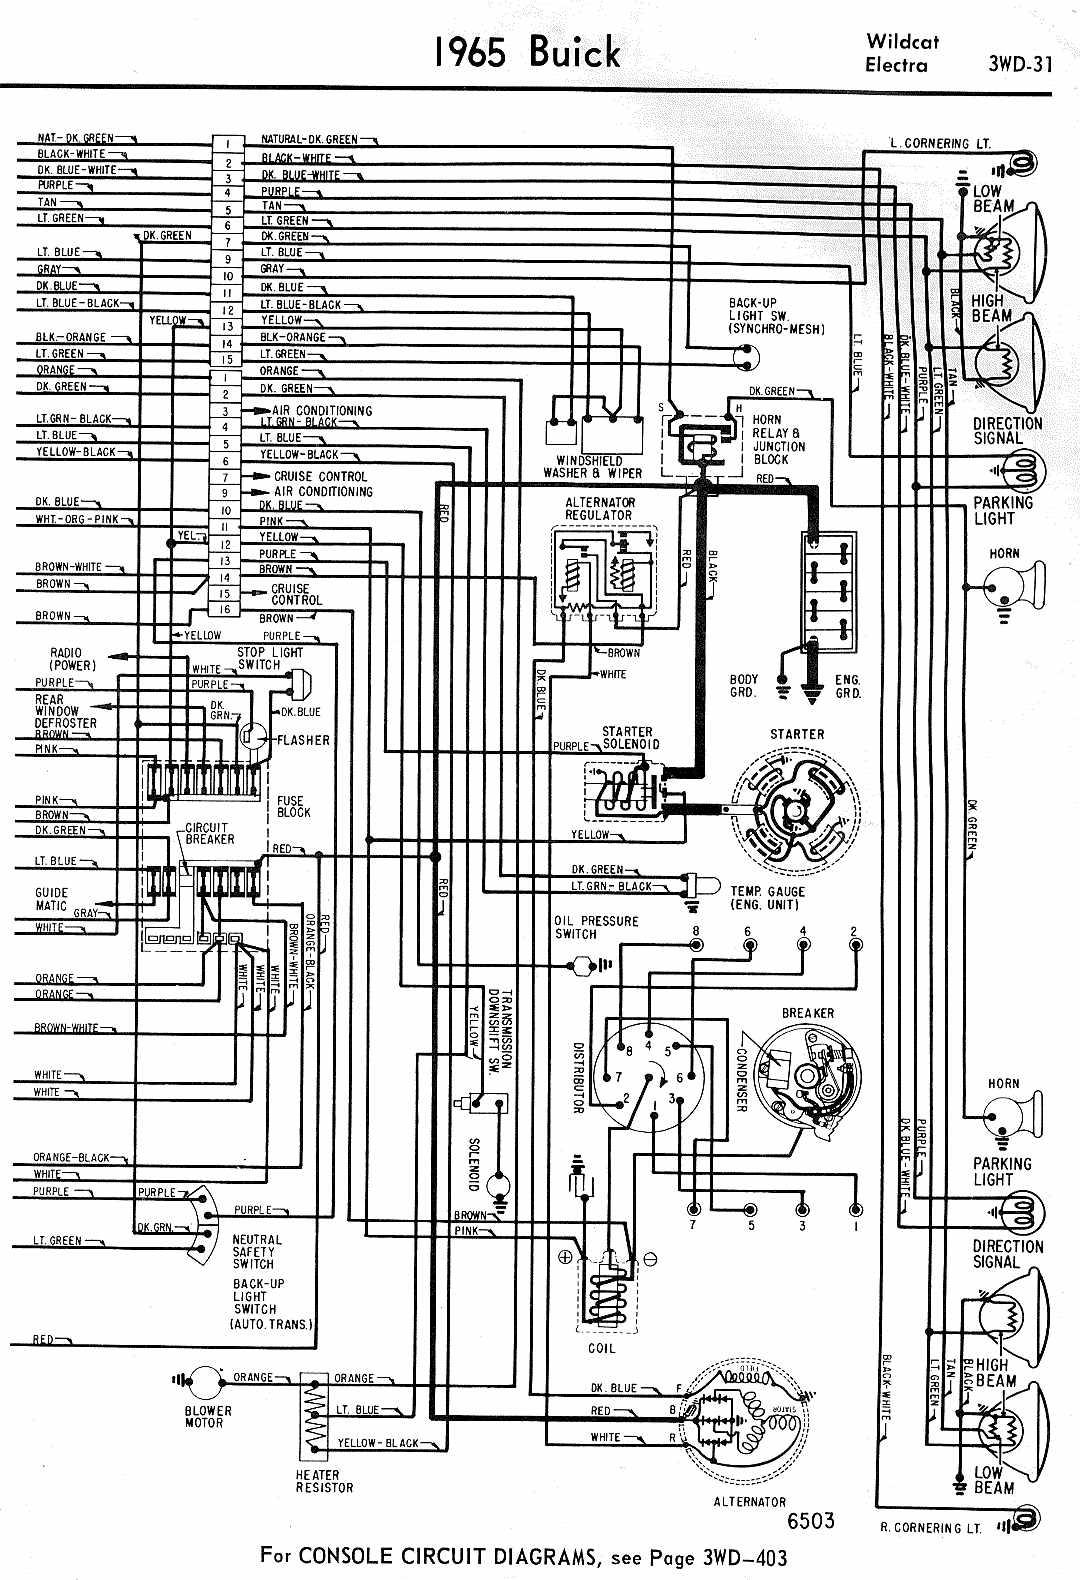 1946 packard clipper wiring diagram 2019 ebook library automotive wiring schematics 1940 oldsmobile wiring schematic [ 1080 x 1580 Pixel ]